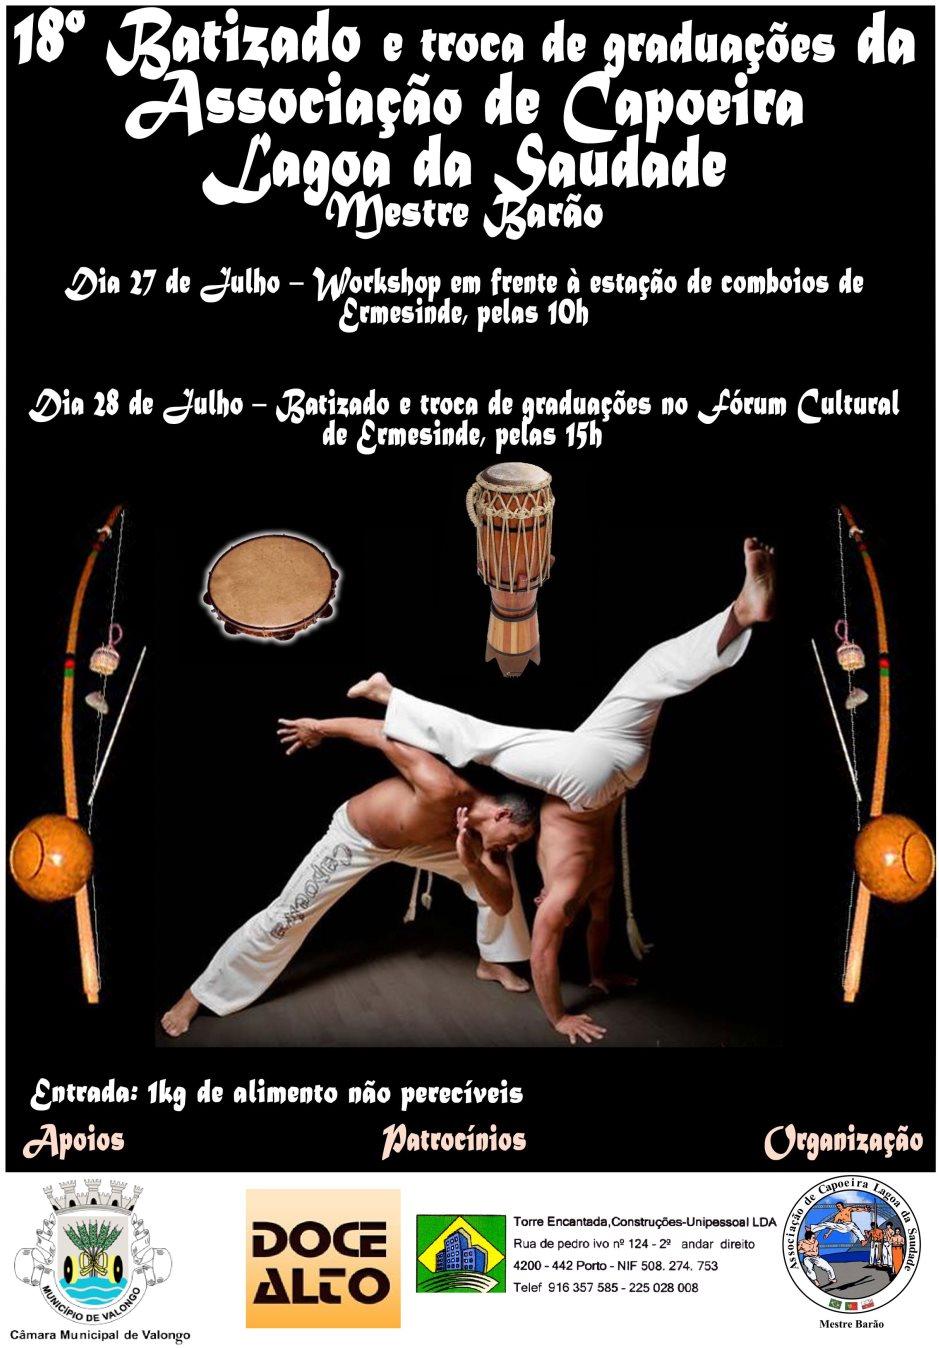 Portal Capoeira 18º Batizado e Troca de Graduações Lagoa da Saudade Eventos - Agenda